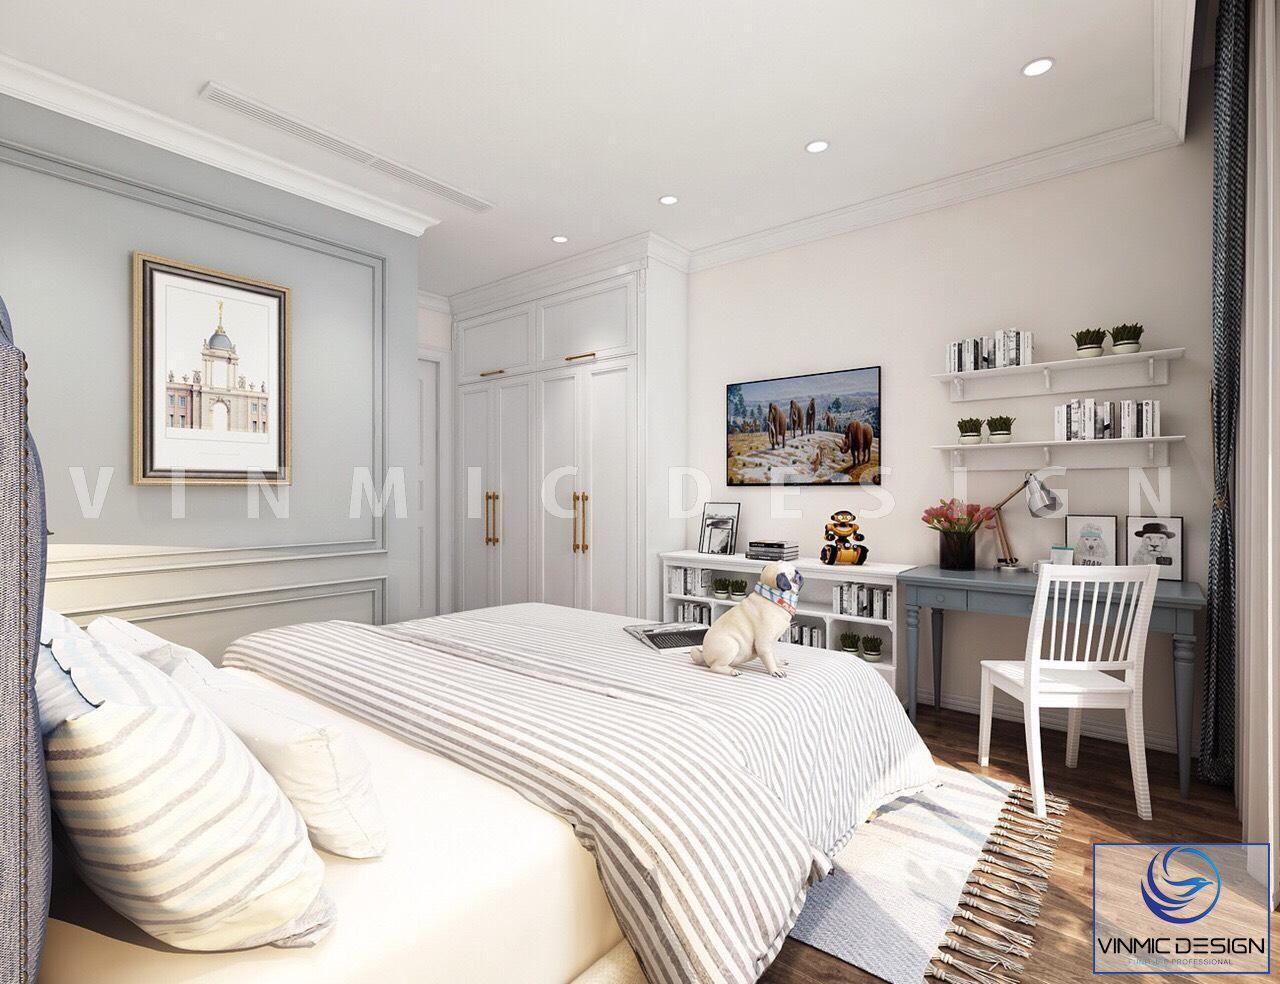 Thiết kế nội thất với chất liệu cao cấp, lối thiết kế phóng khoáng giúp căn phòng trông như rộng hơn